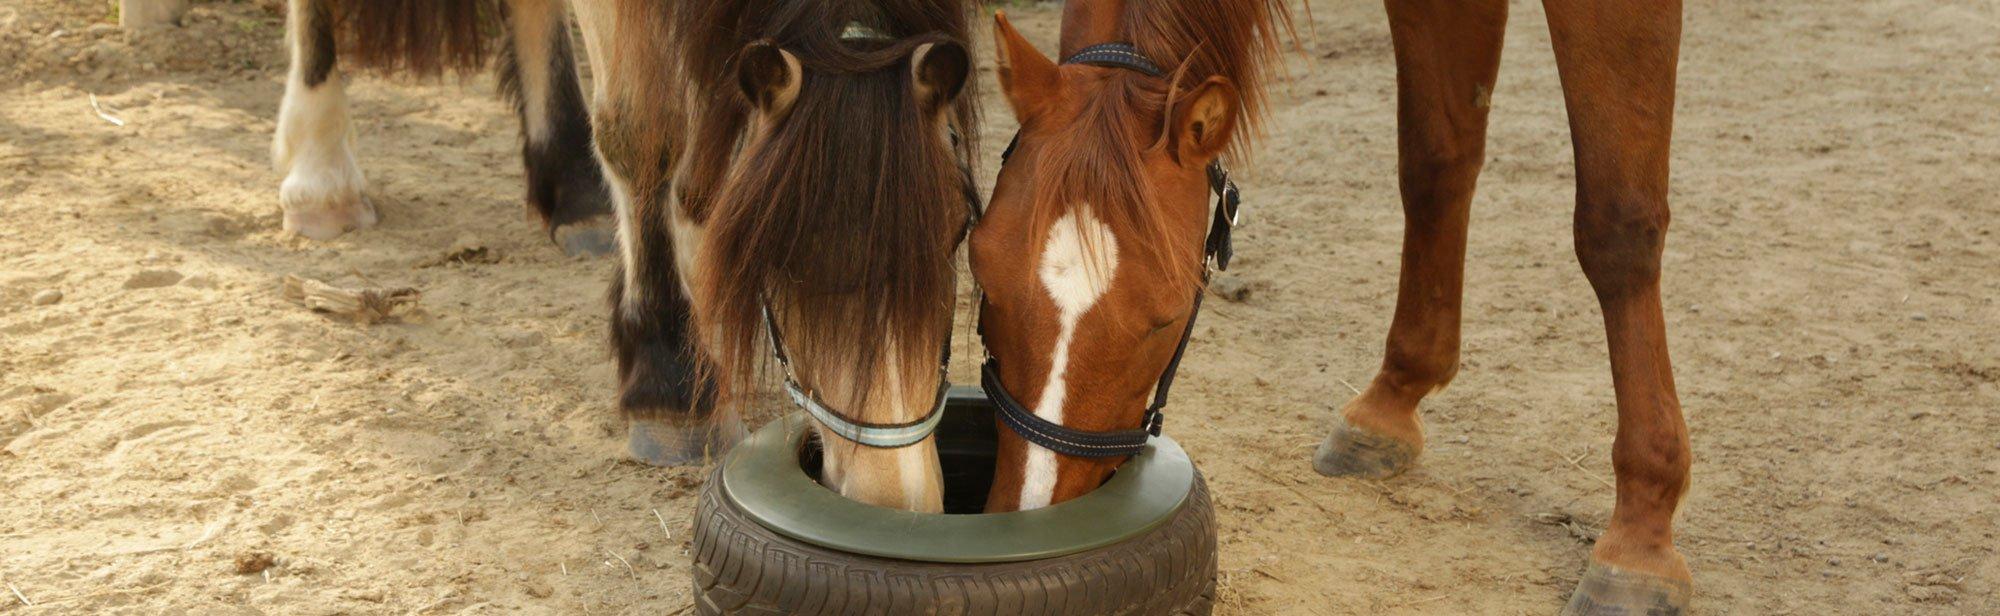 Stallzubehör für die Pferde-Fütterung